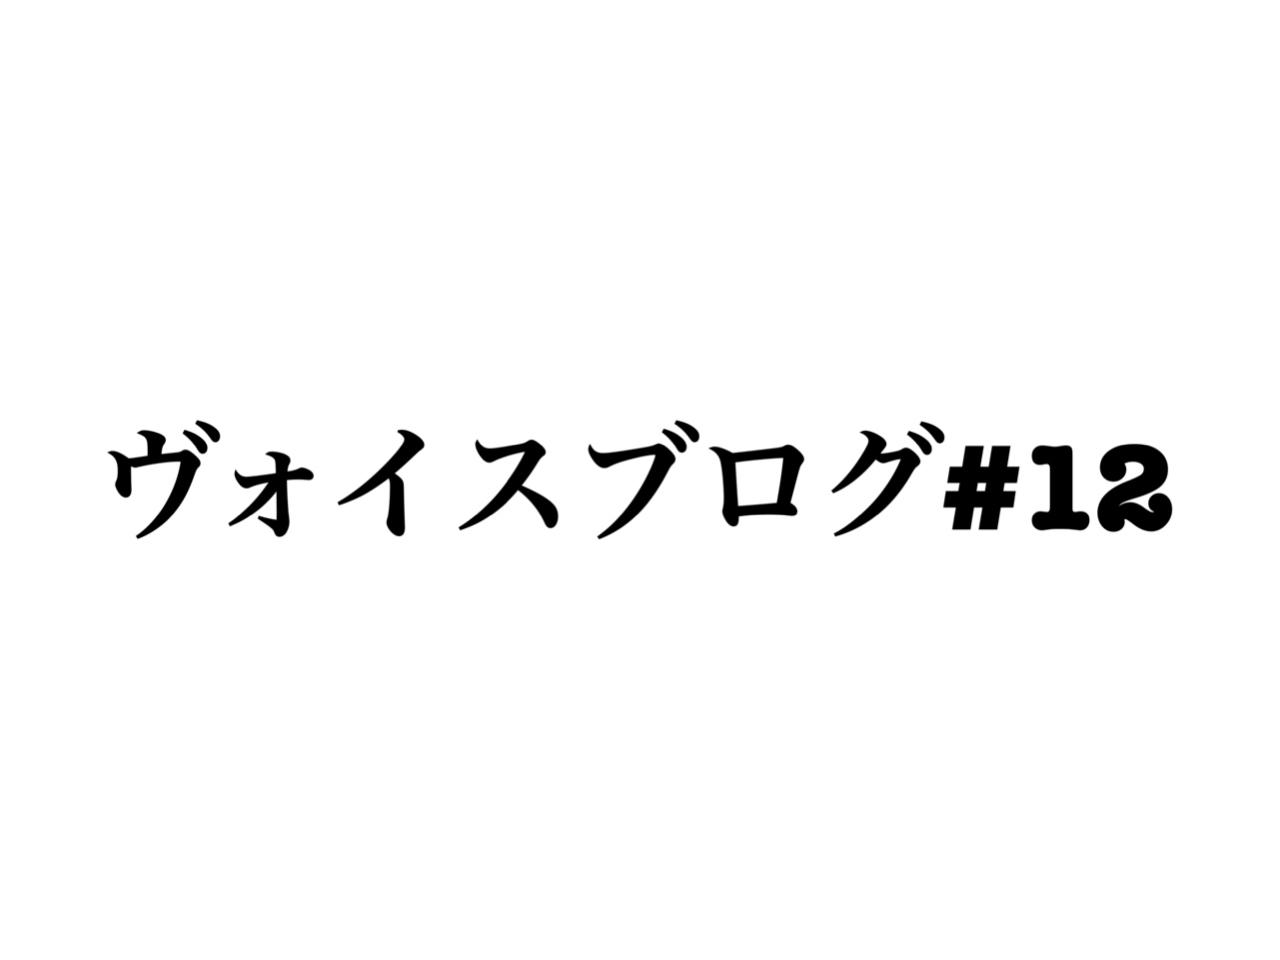 ヴォイスブログ#12